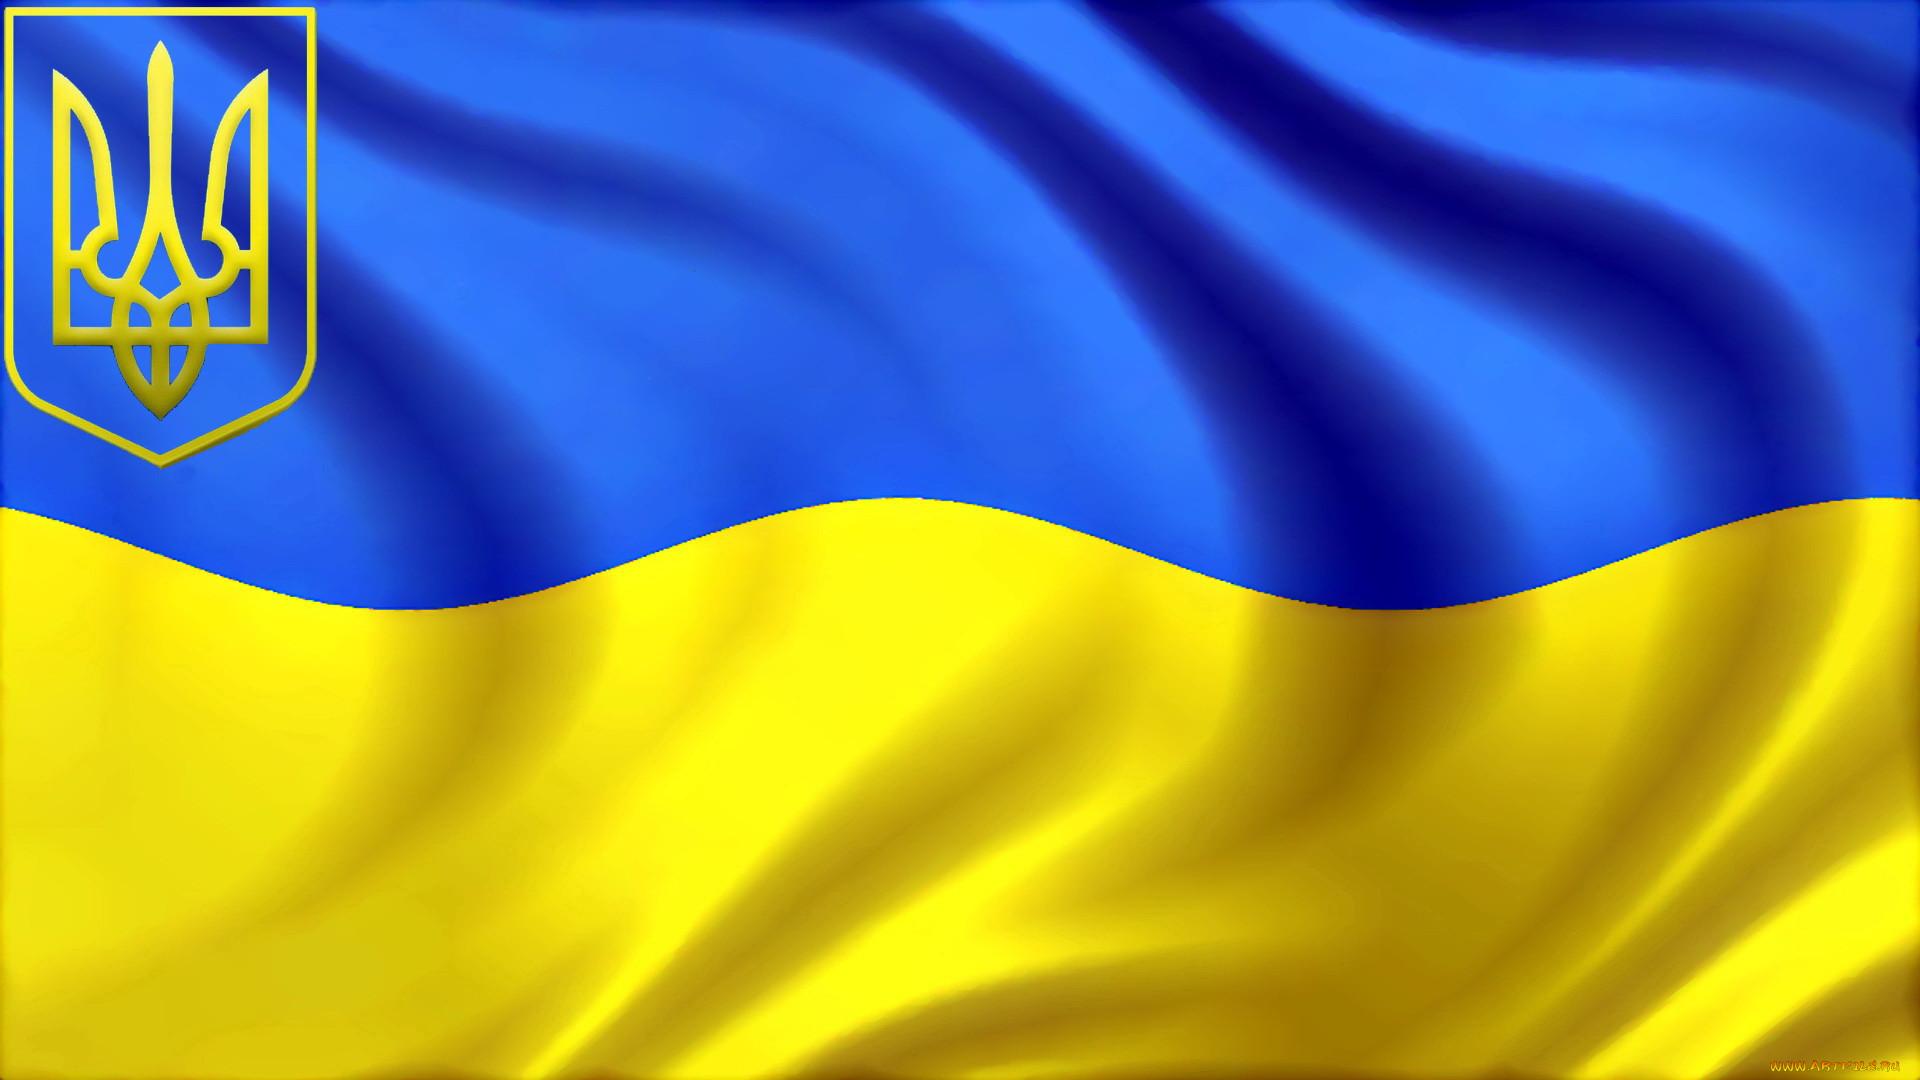 картинка на фоне украинского флага шукшина